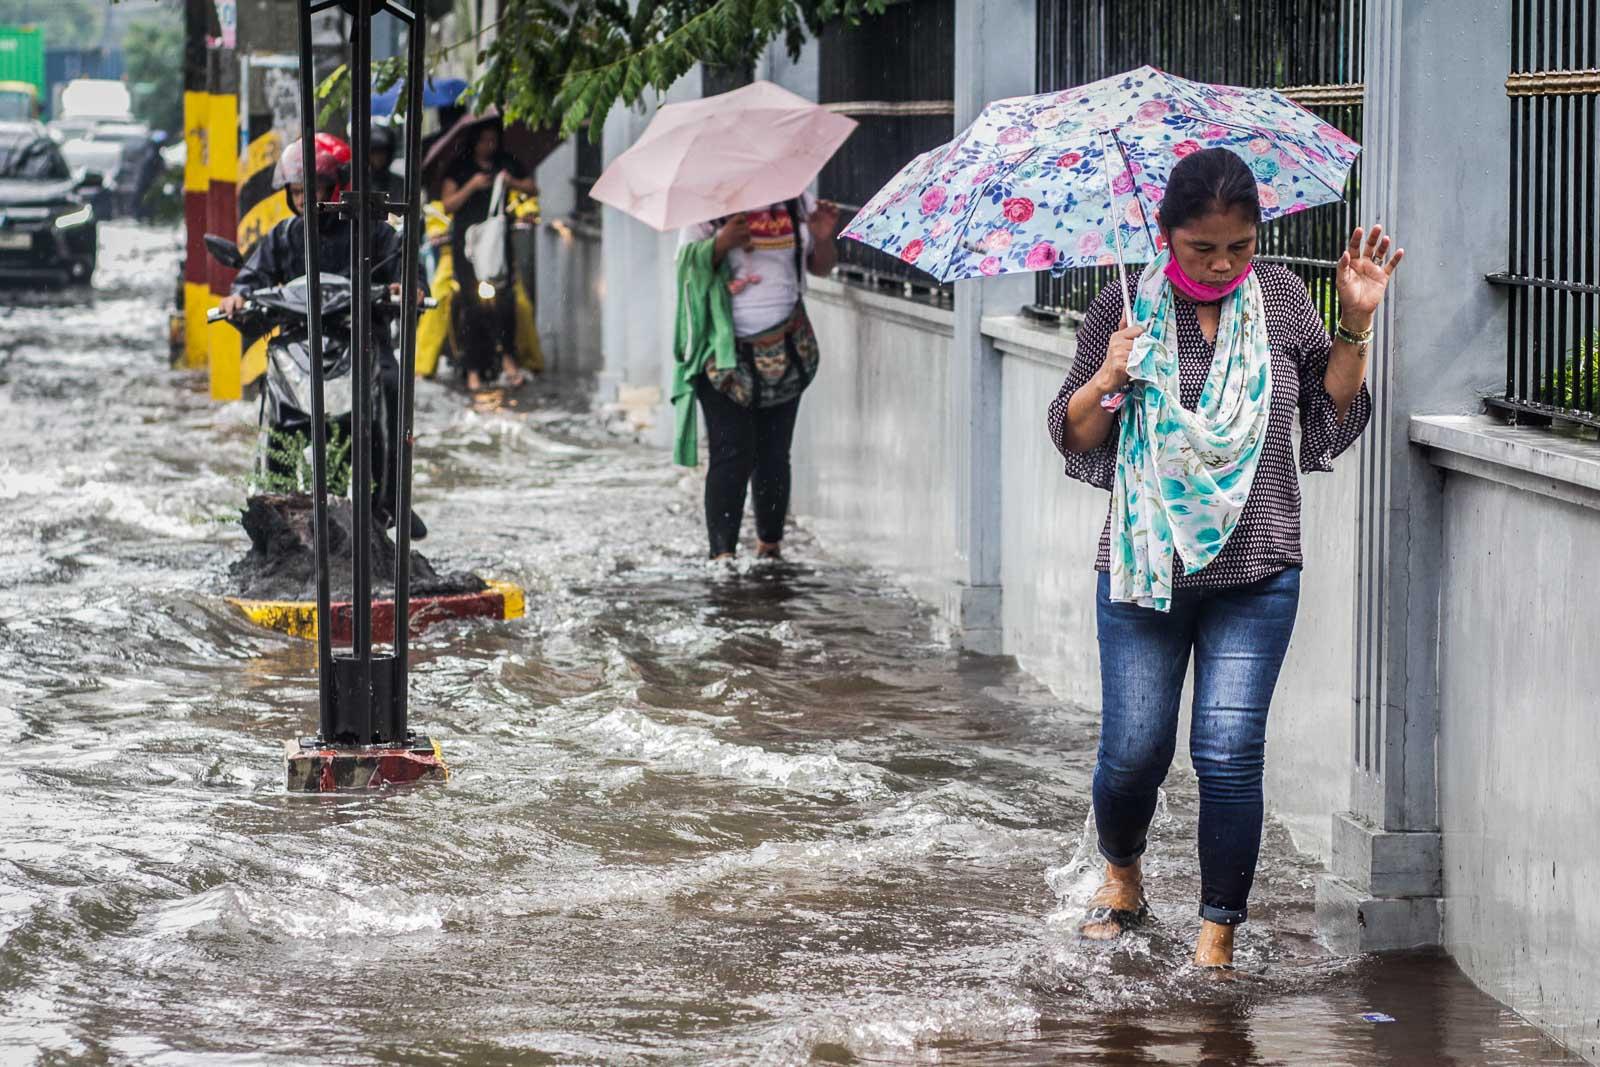 SAN Marcelino Street in Manila. Photo by Lito Borras/Rappler